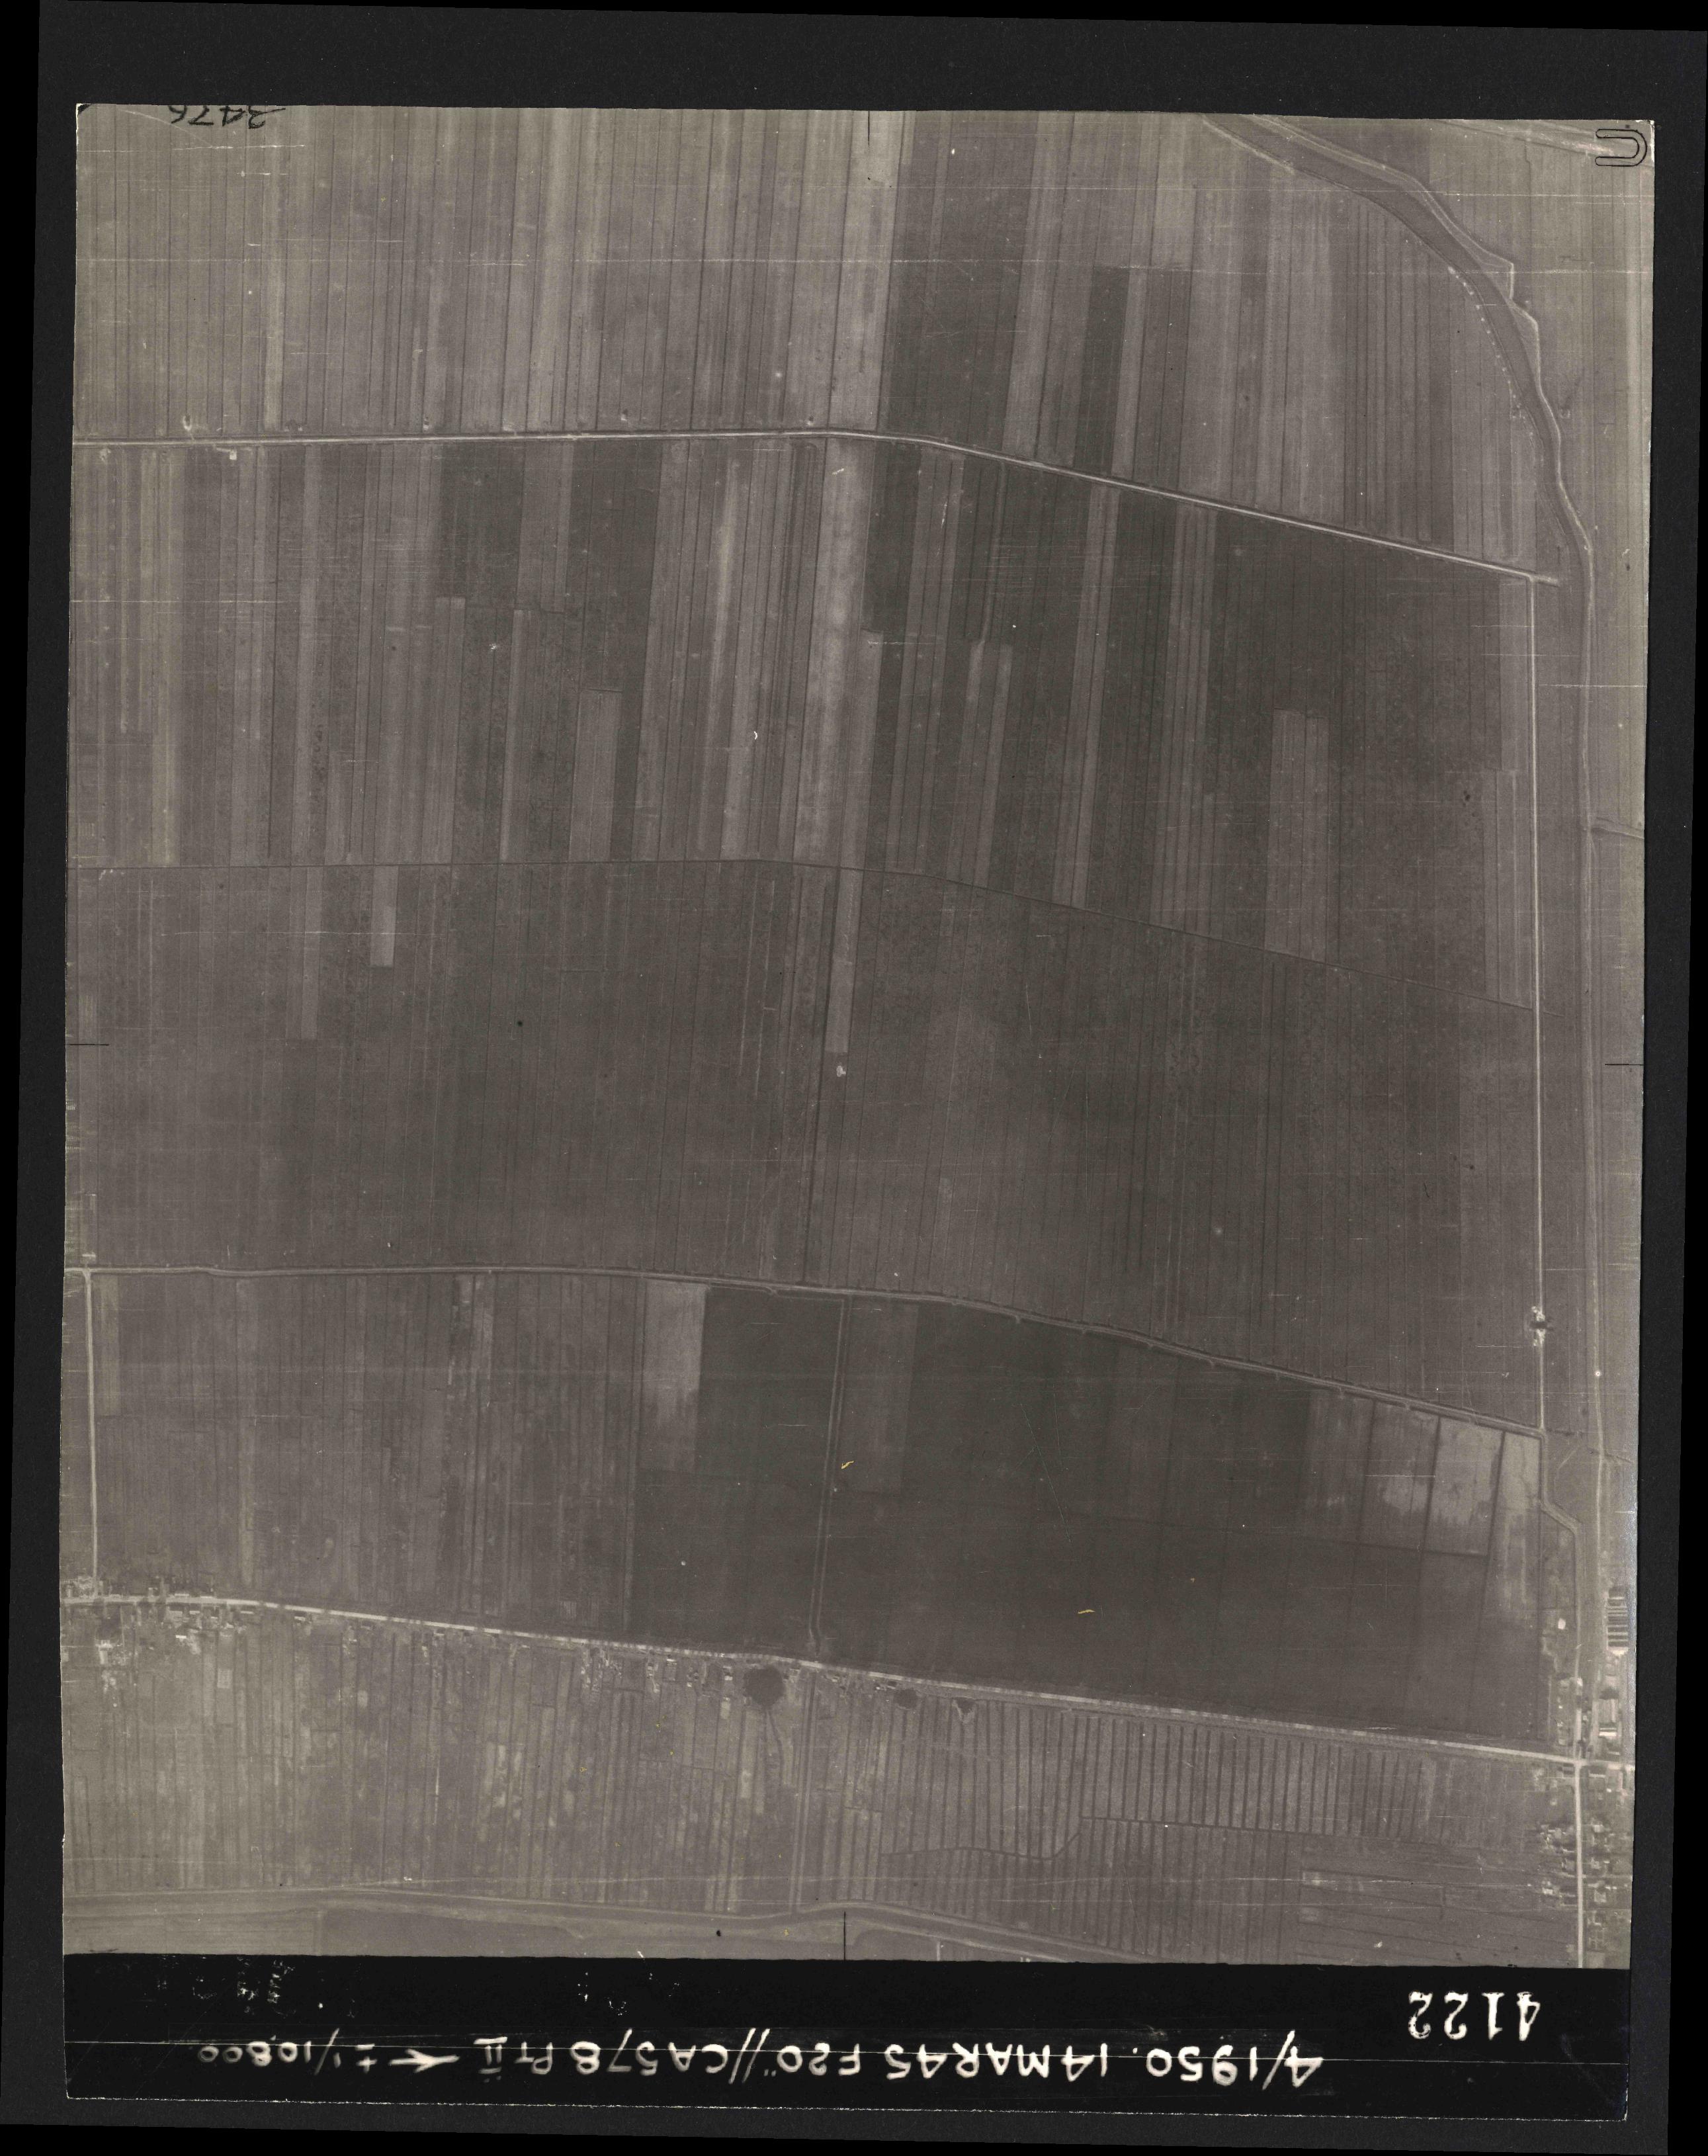 Collection RAF aerial photos 1940-1945 - flight 010, run 10, photo 4122